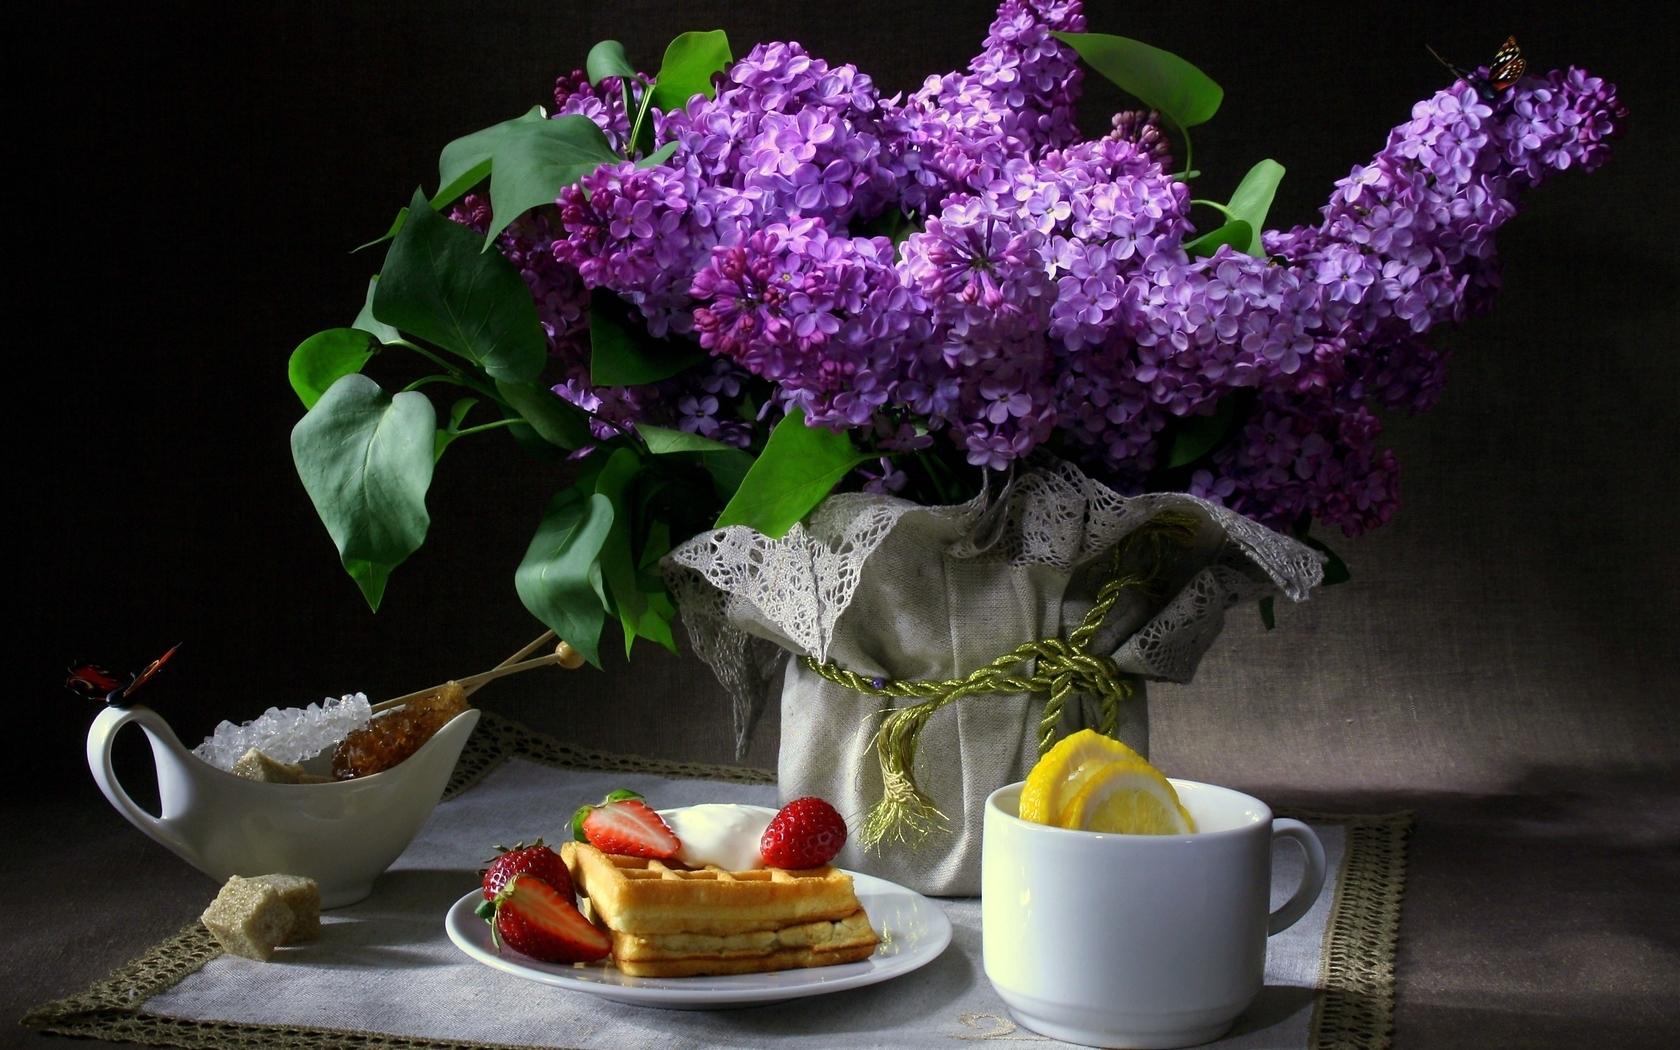 44715 Заставки и Обои Еда на телефон. Скачать Еда, Растения, Объекты, Цветы картинки бесплатно